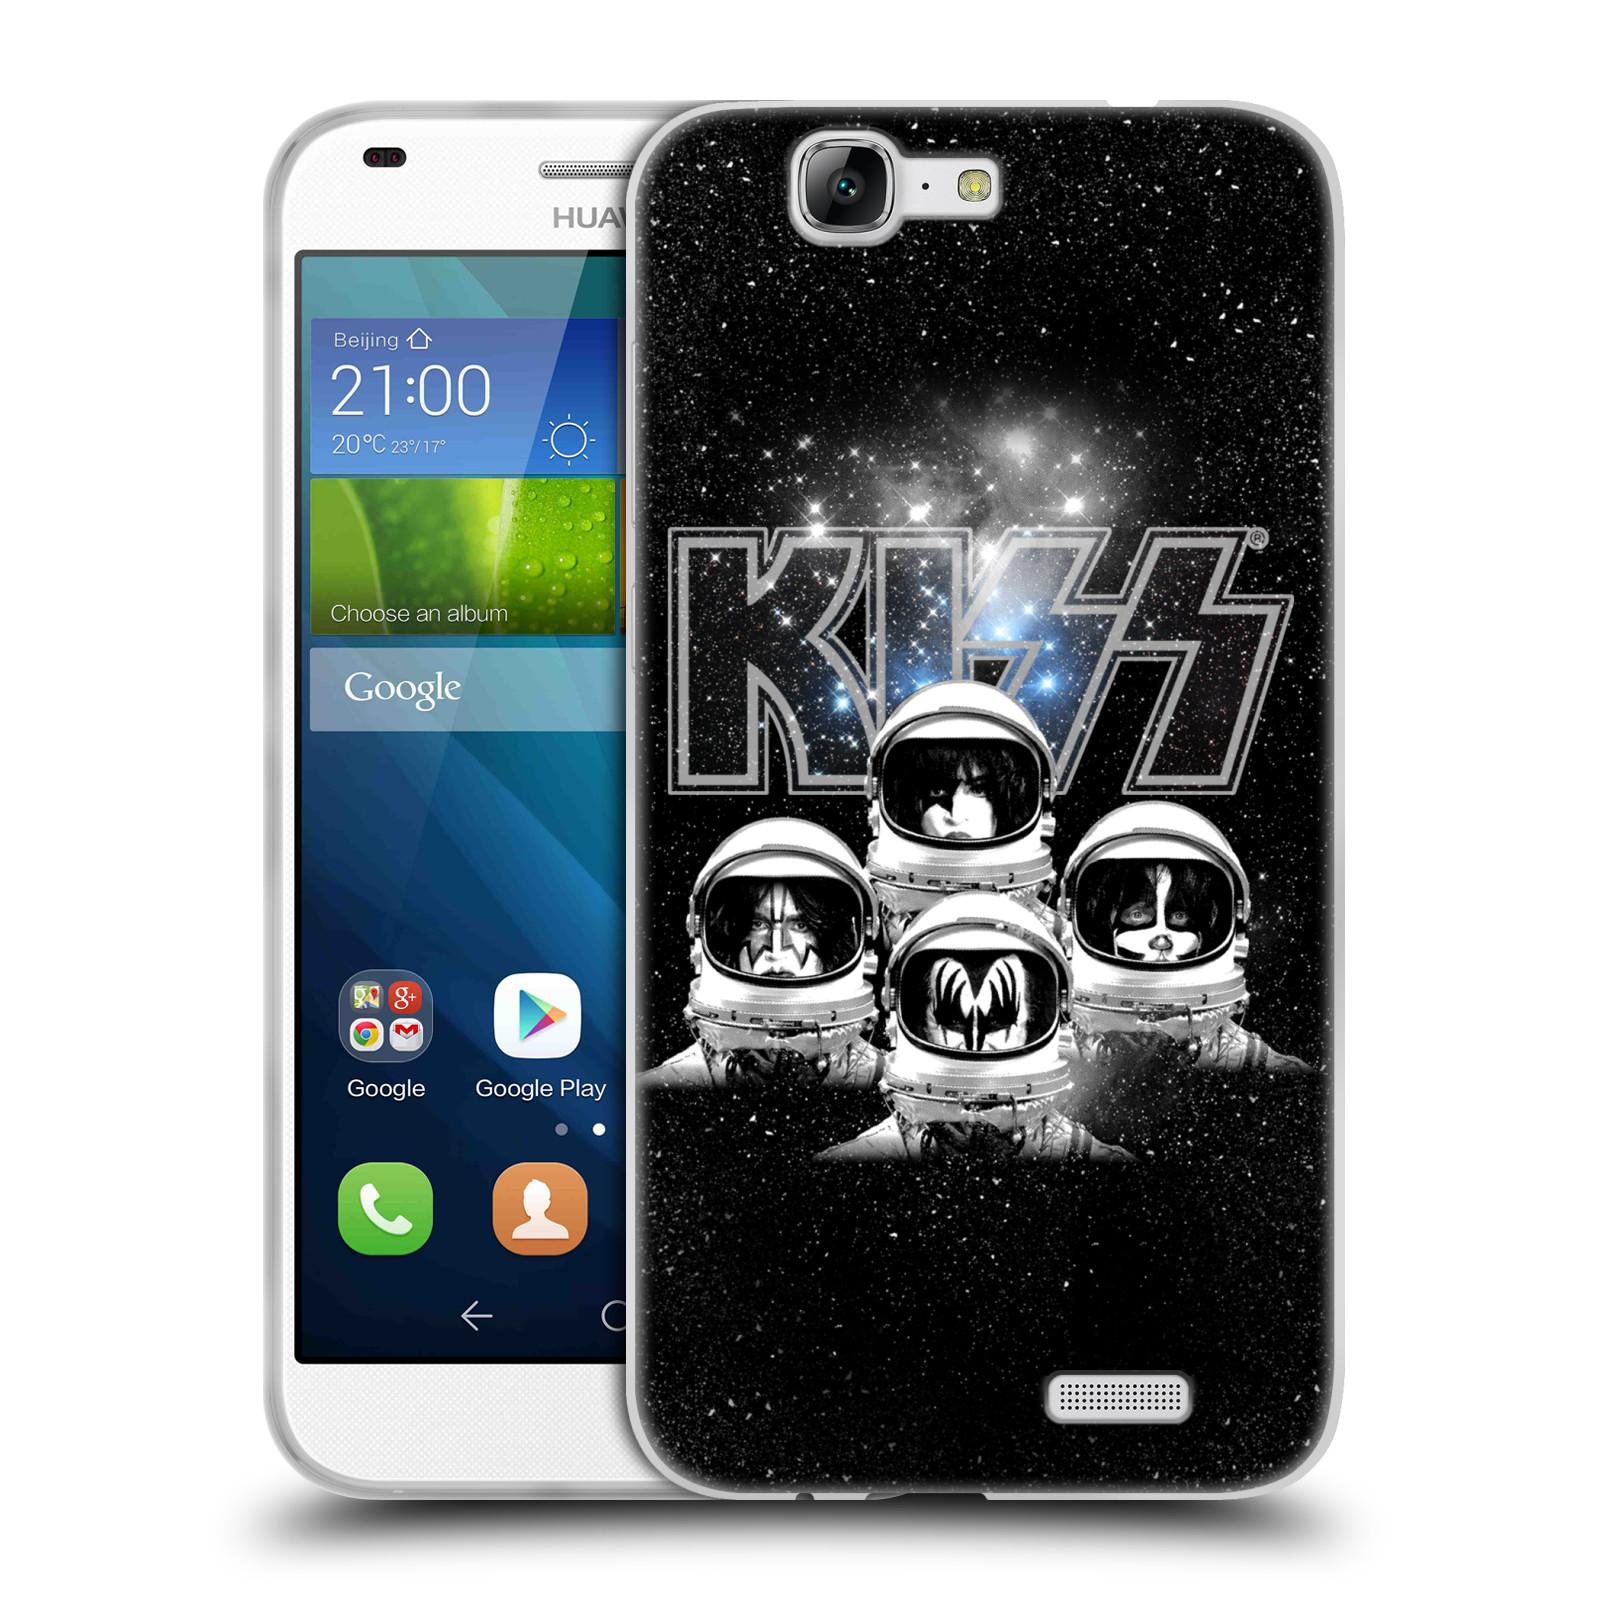 Silikonové pouzdro na mobil Huawei Ascend G7 HEAD CASE - Kiss - Galactic (Silikonový kryt či obal na mobilní telefon s licencovaným motivem Kiss pro Huawei Ascend G7)